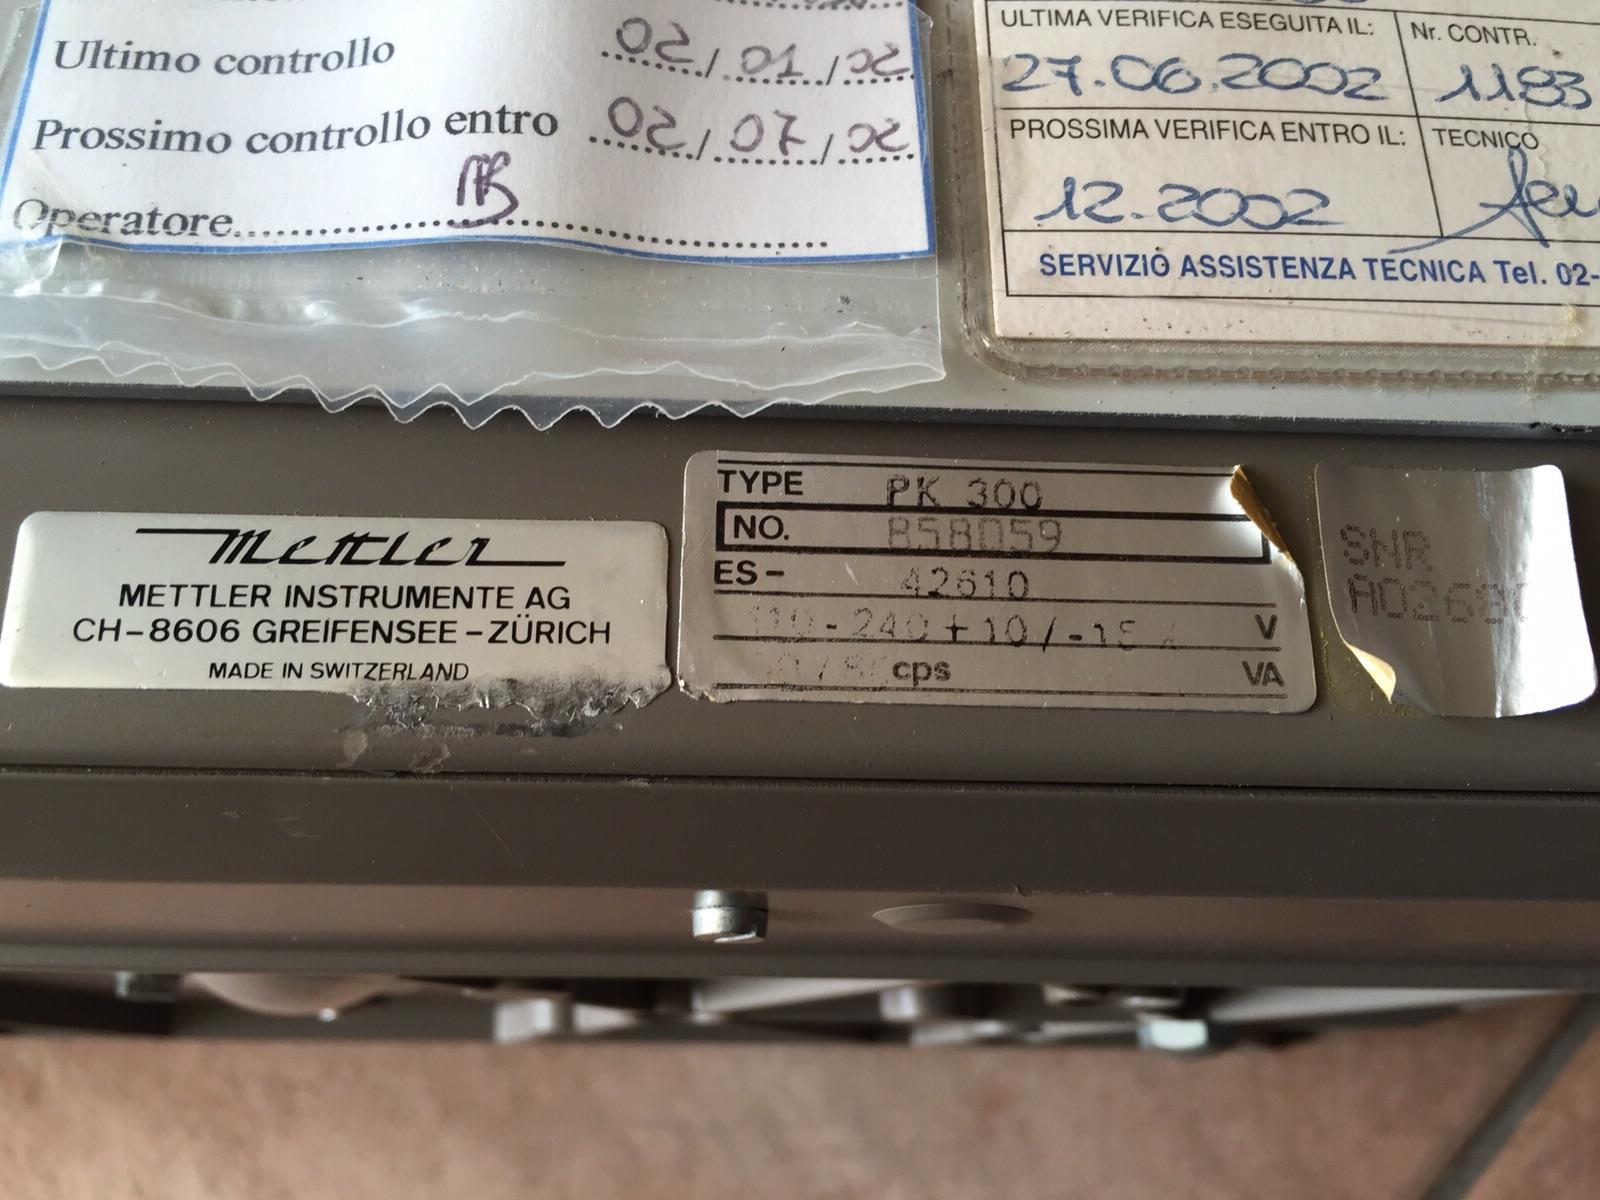 BILANCIA DA BANCO METTLER – MOD. PK300 (BIL-35) in vendita - foto 4